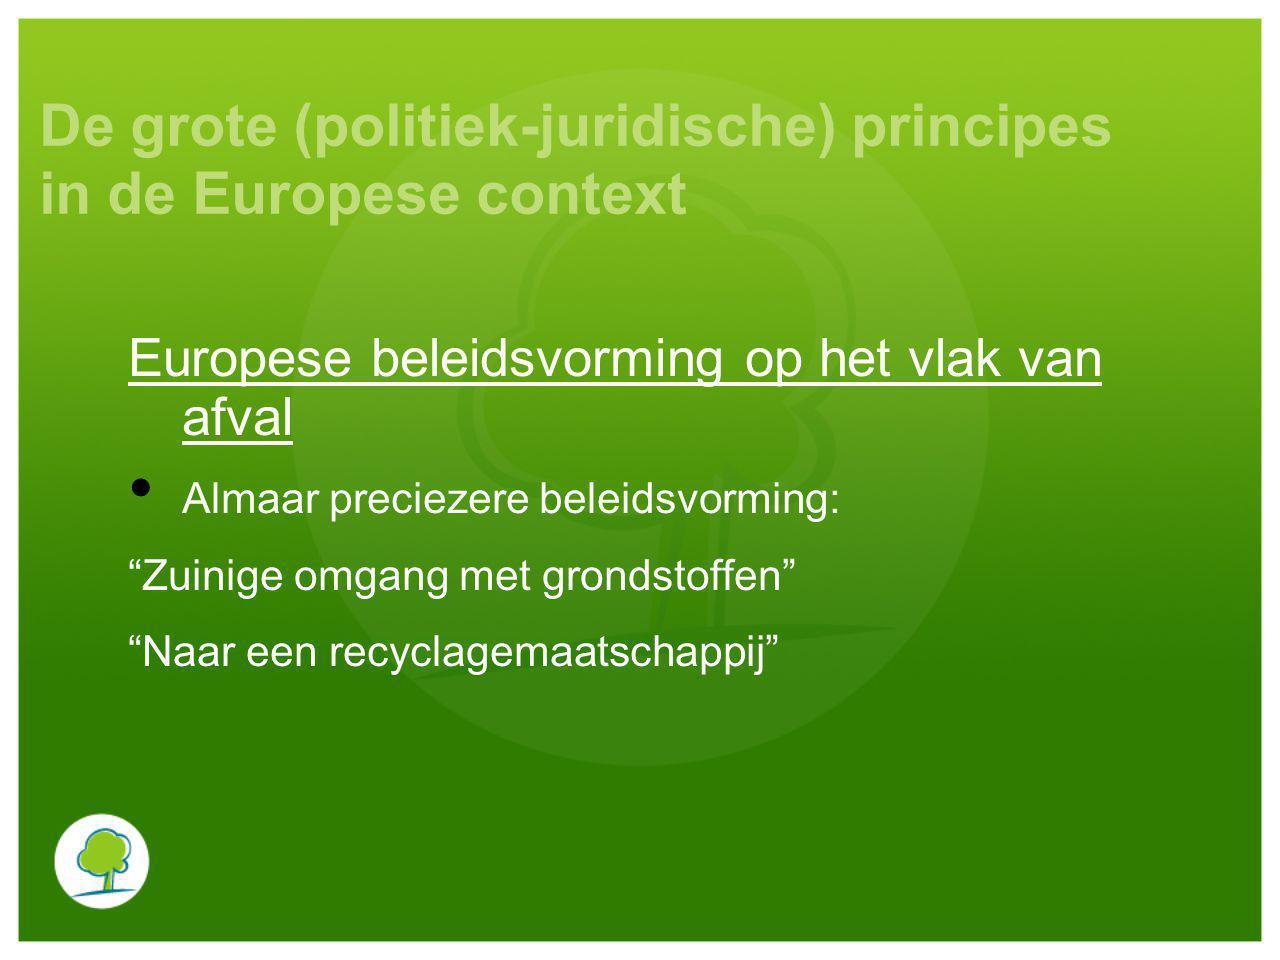 De grote (politiek-juridische) principes in de Europese context Specifieke strategische beleidsvorming: Er worden 5 hoofdlijnen naar voren geschoven: 1.